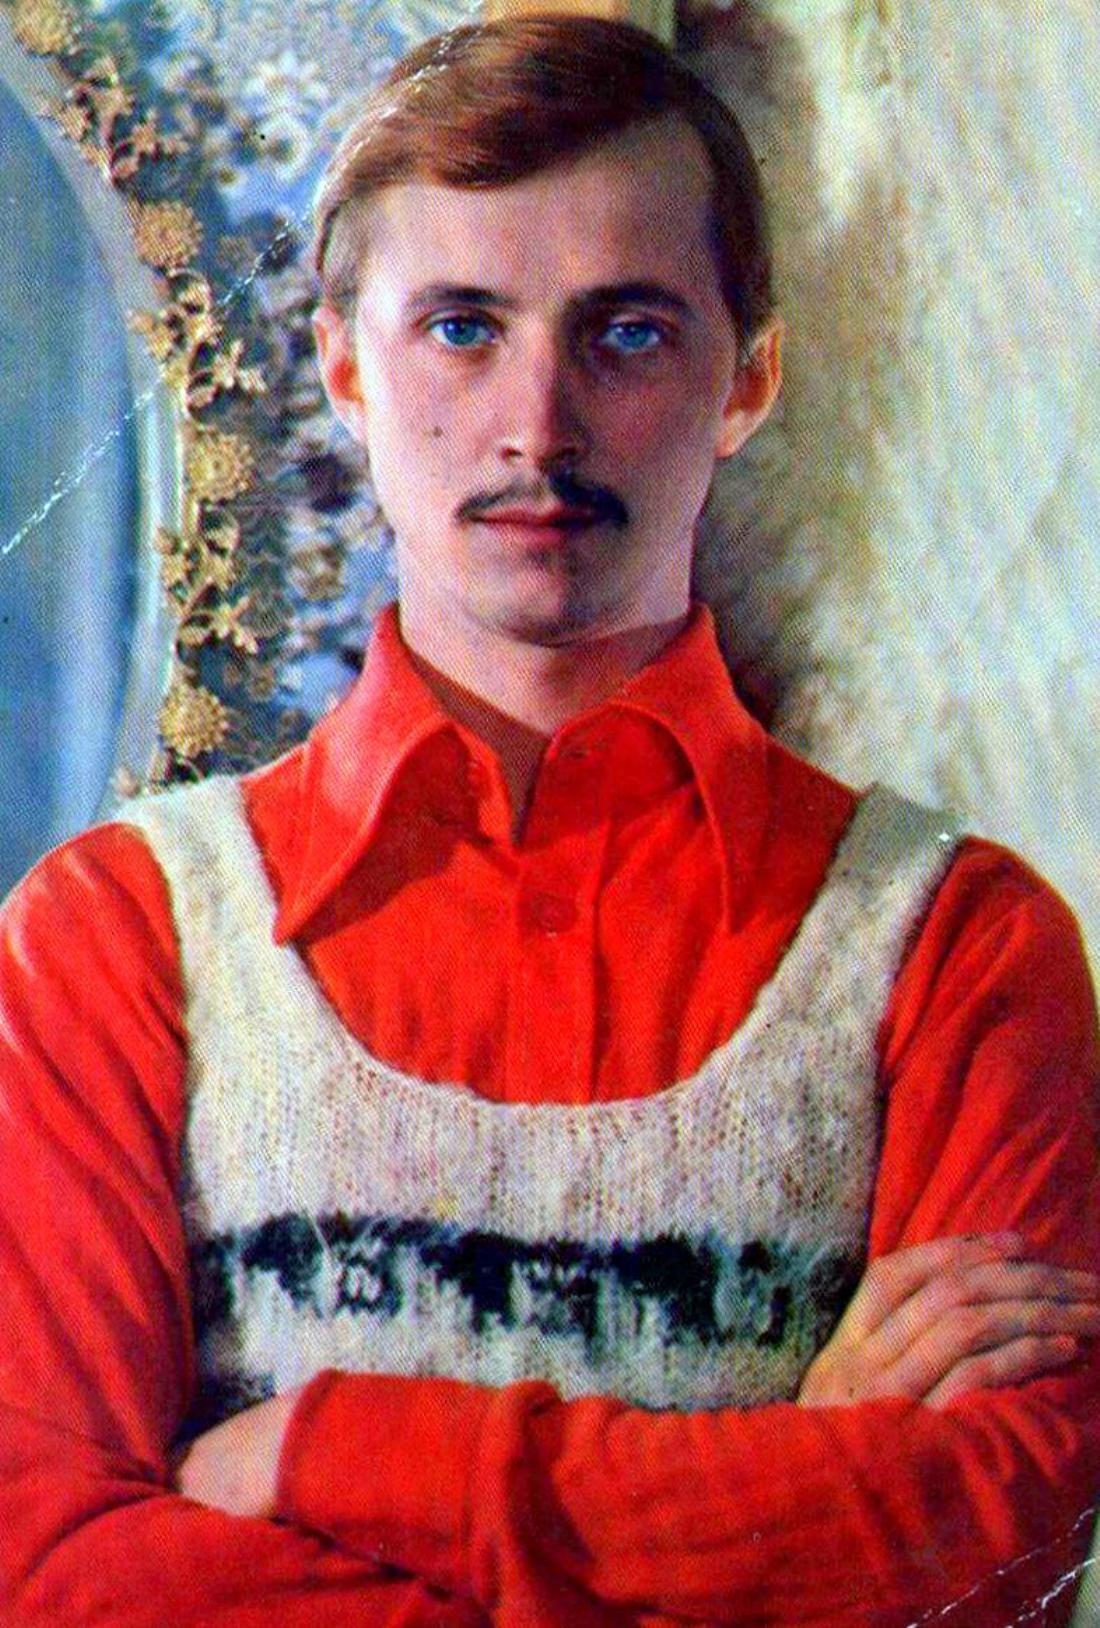 Николай Бурляев, Актёры Советского кино, коллекция открыток